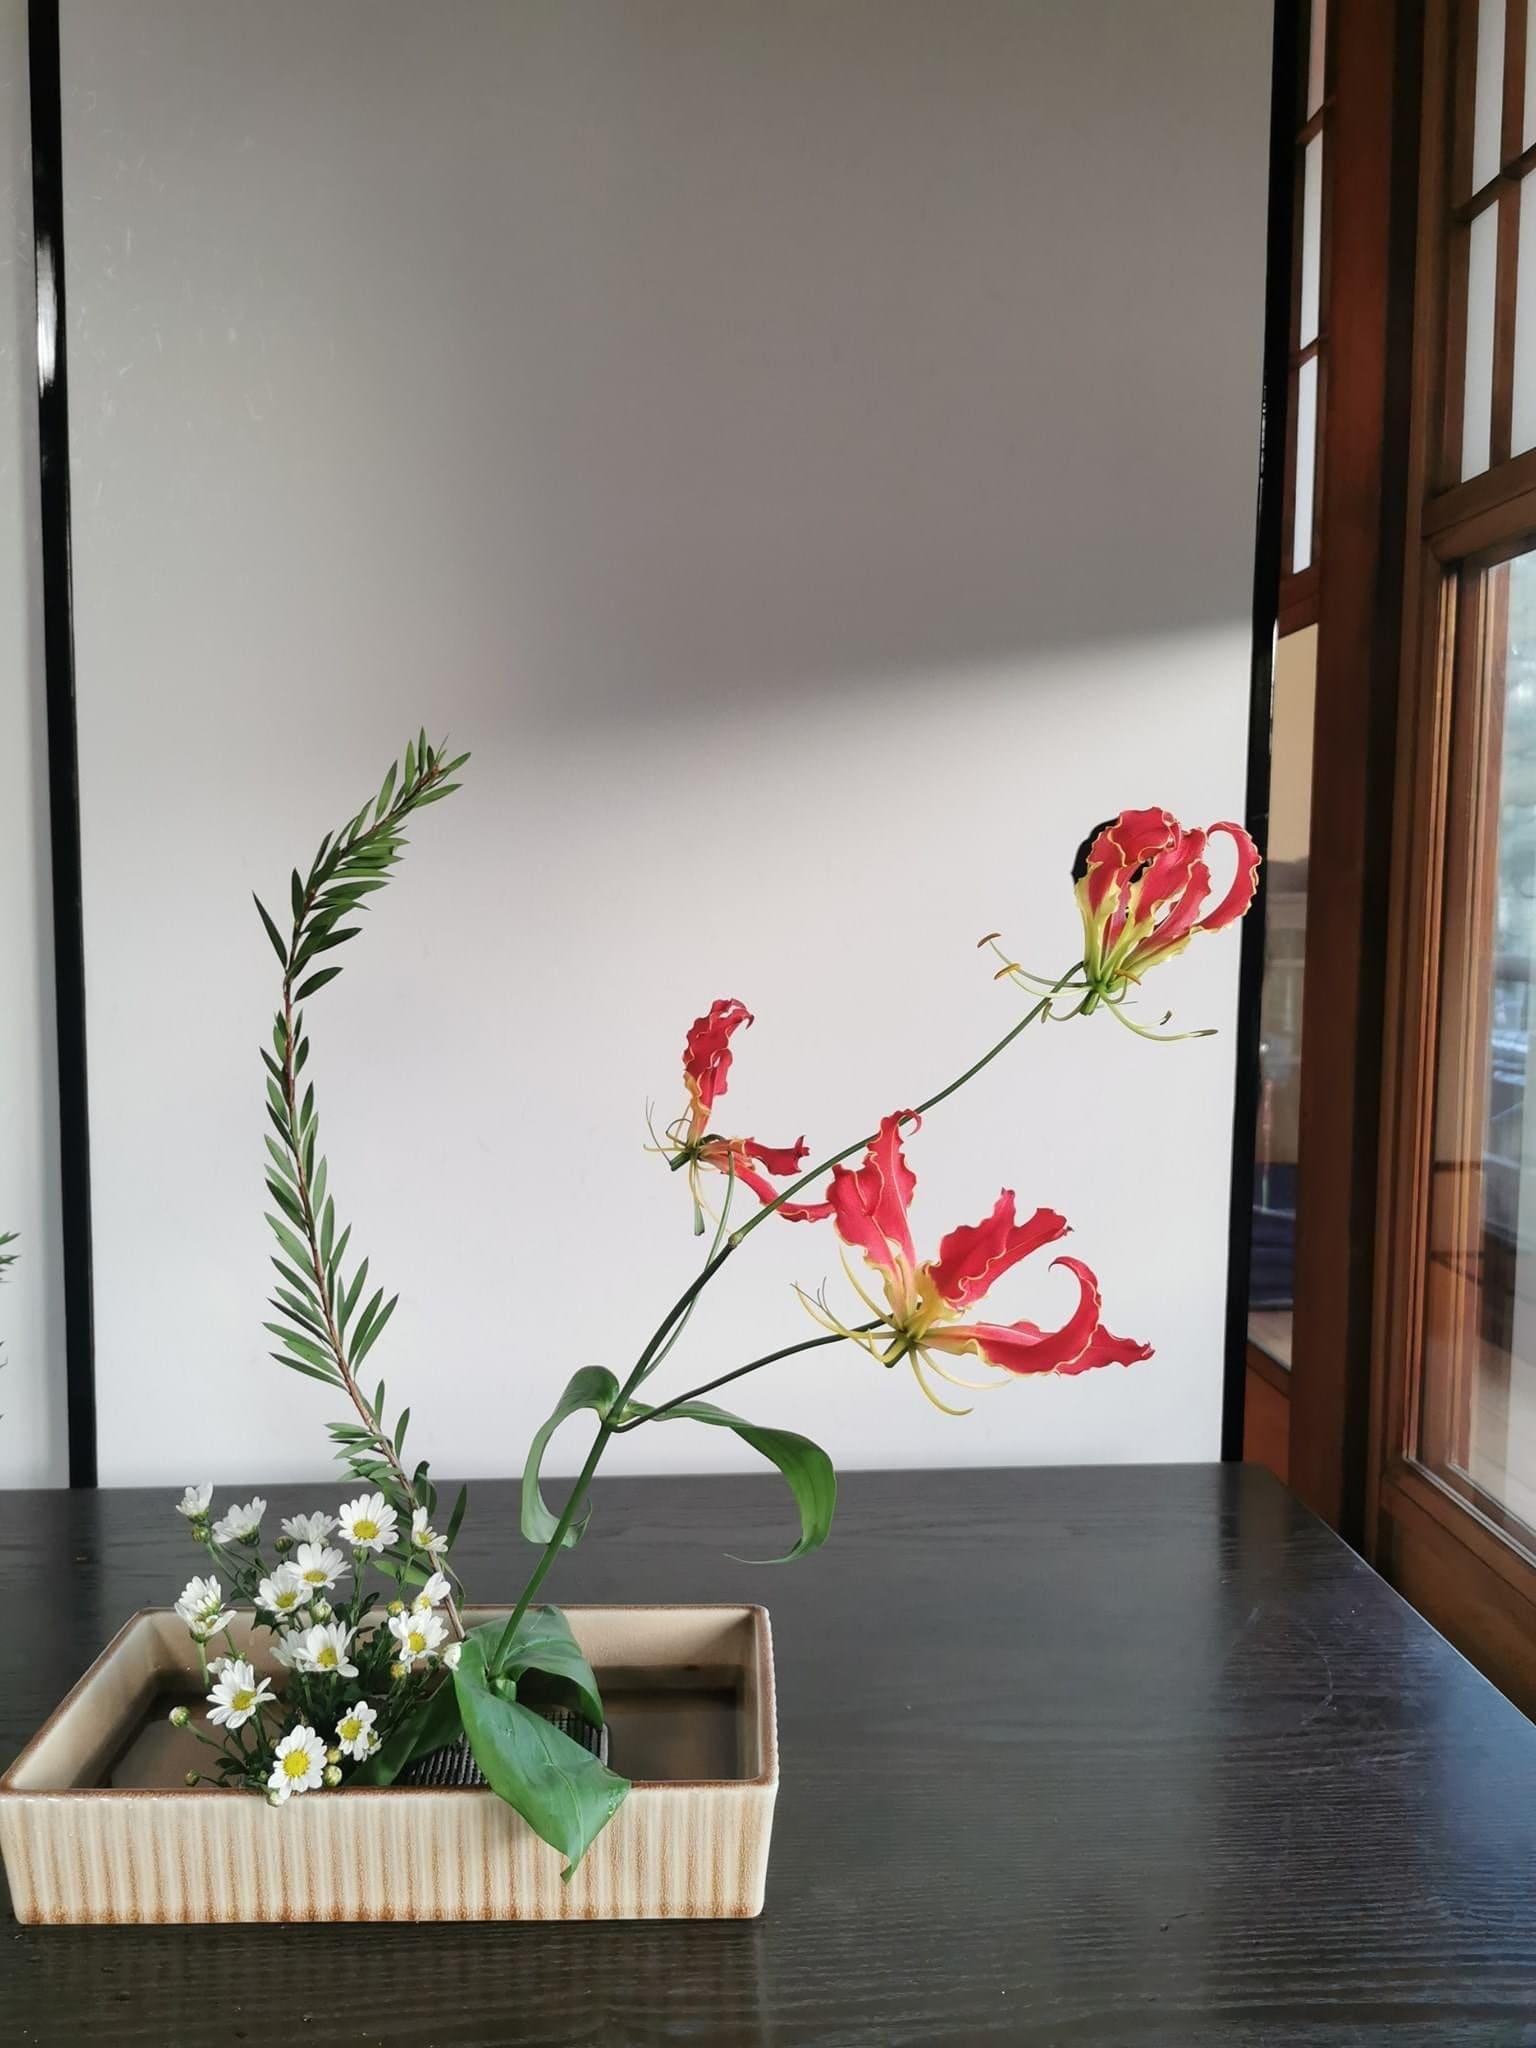 型のない生け花〜自分と繋がる時間 3月13日土曜日開催のイメージその4